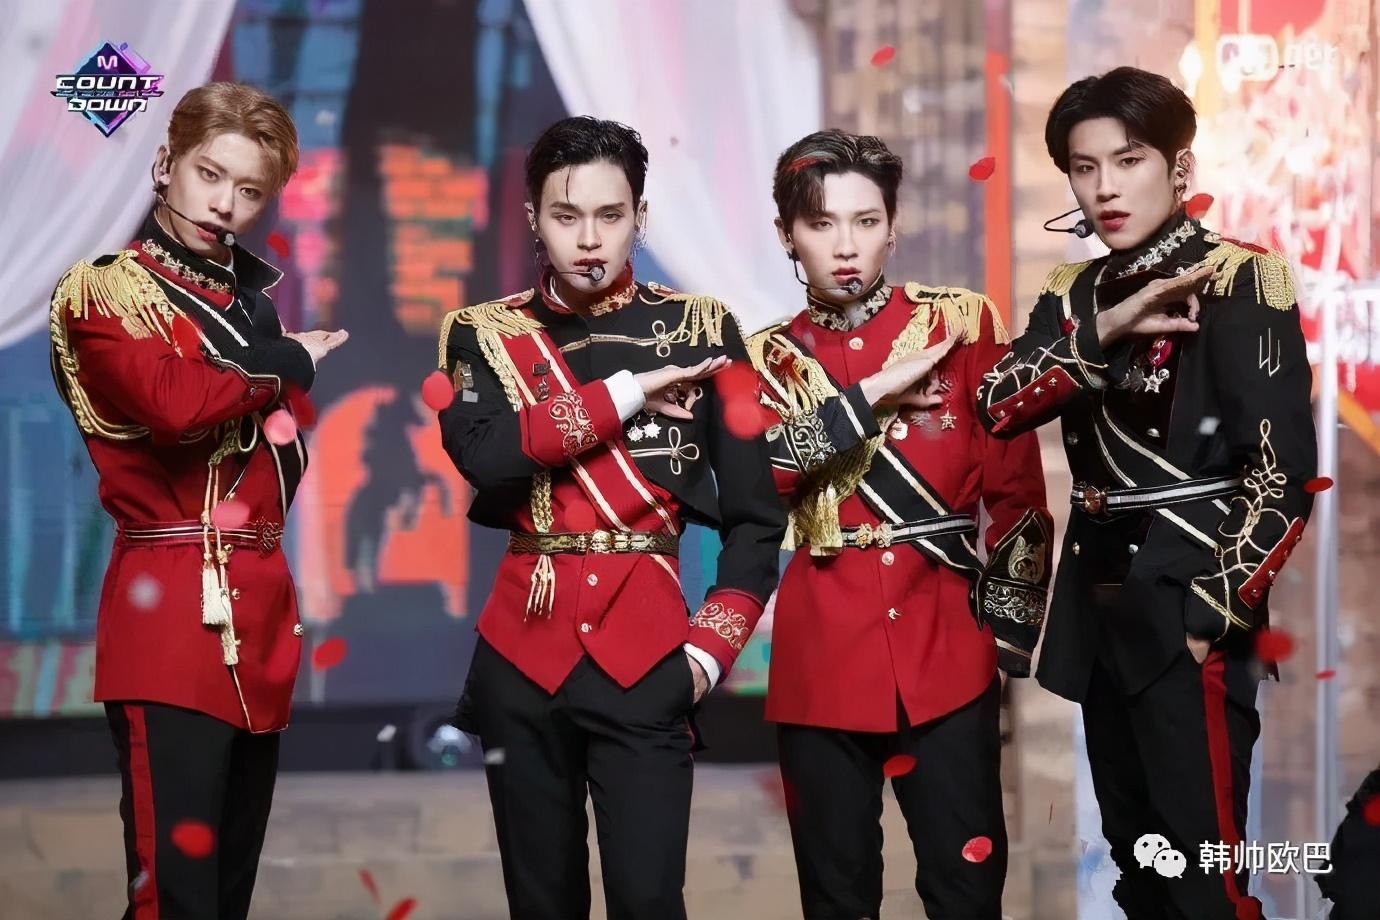 据说制作费的一半都花在服装上的,韩男团回归音放造型